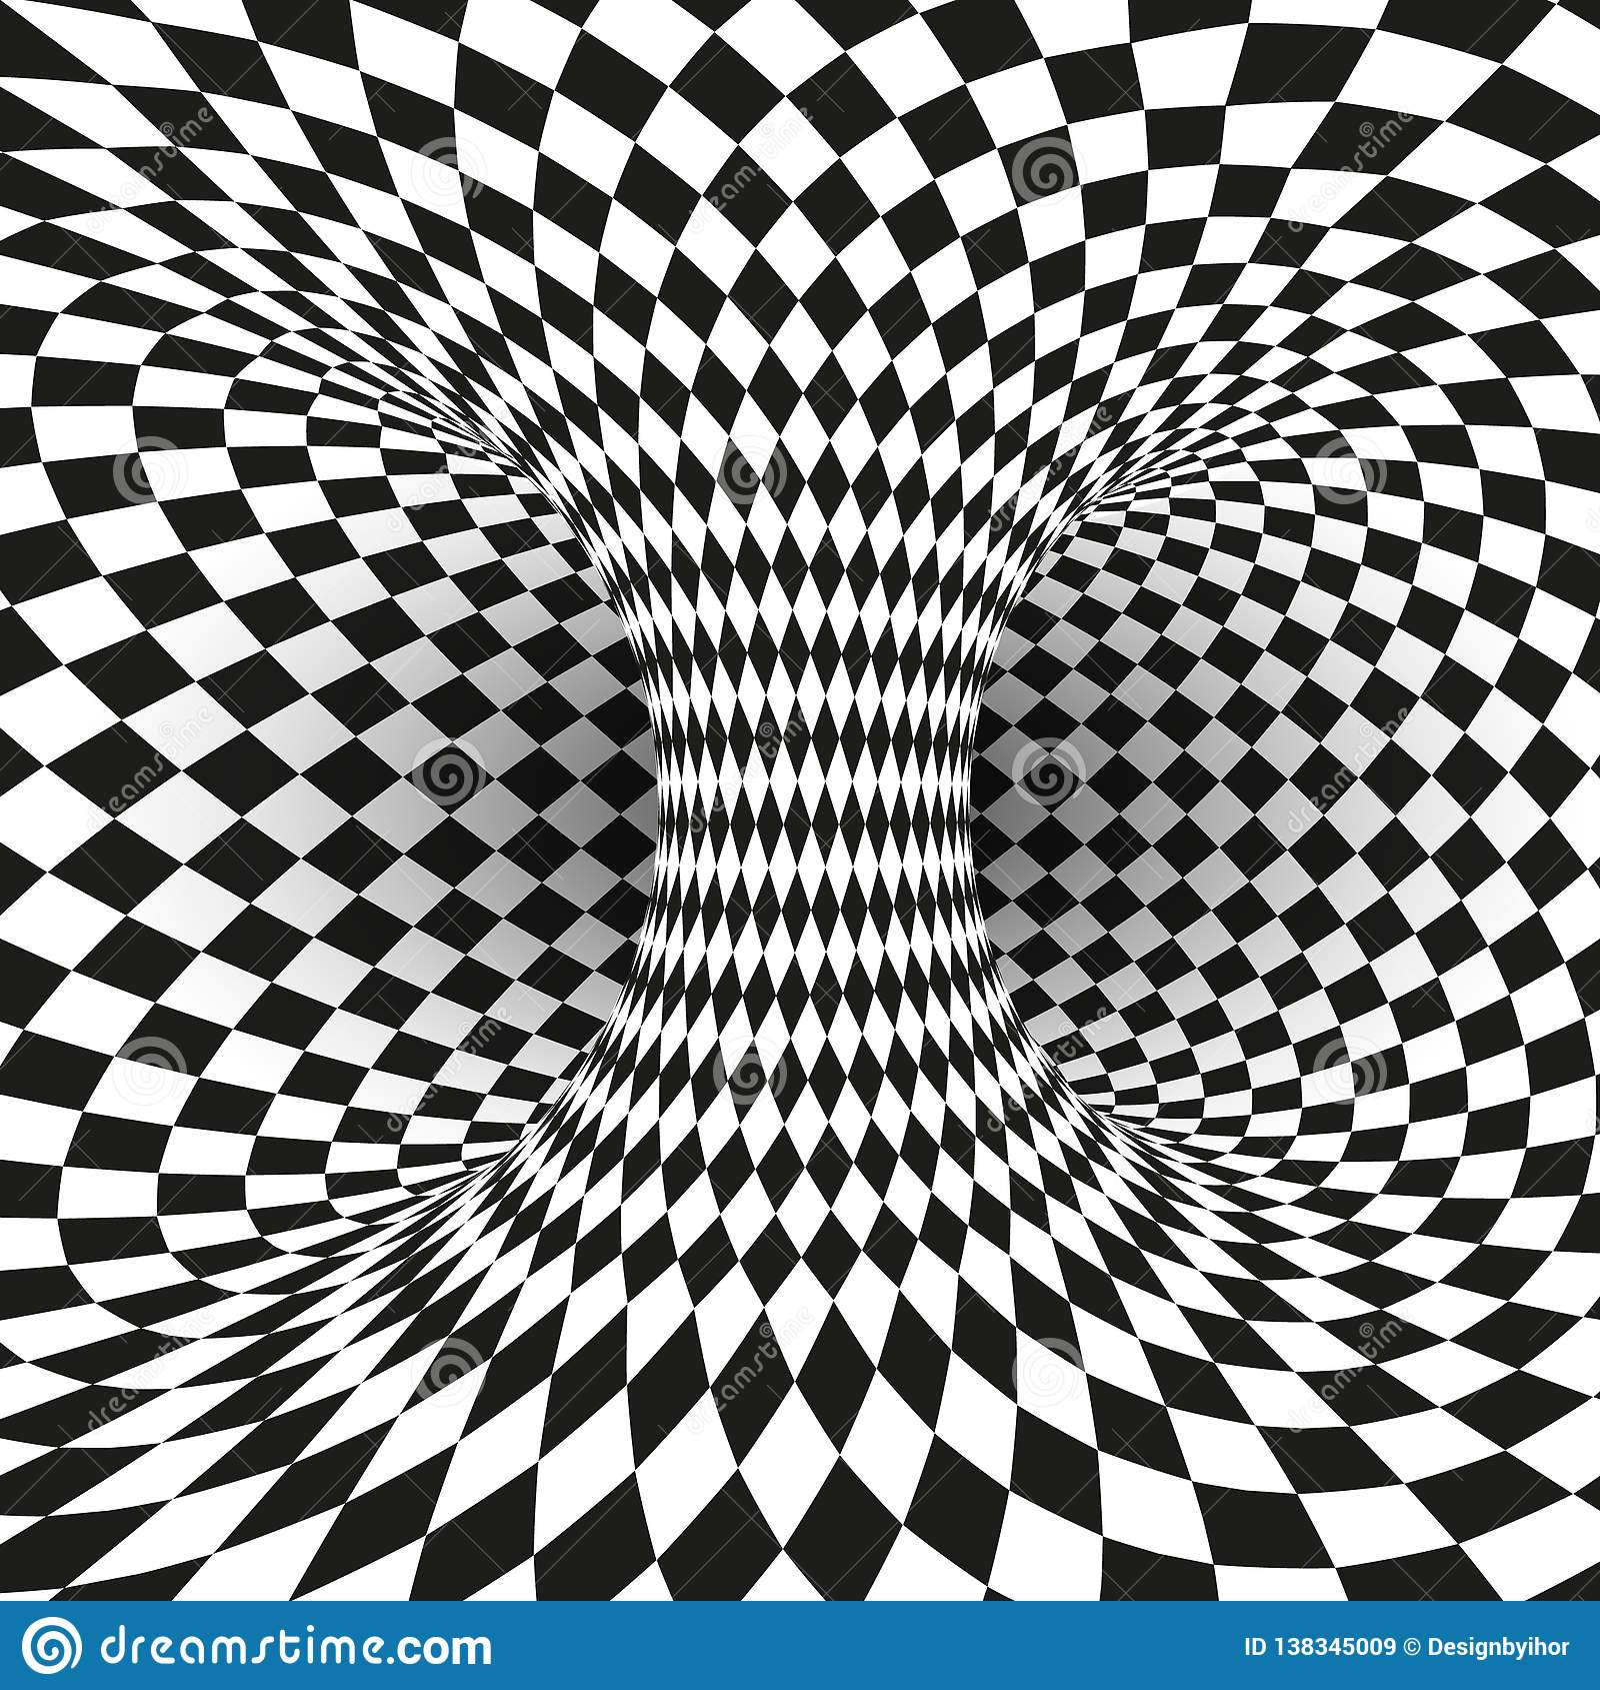 Geometrische Vierkante Zwart-witte Optische illusie Abstracte wormholetunnel Abstract ontwerpkader van wormhole